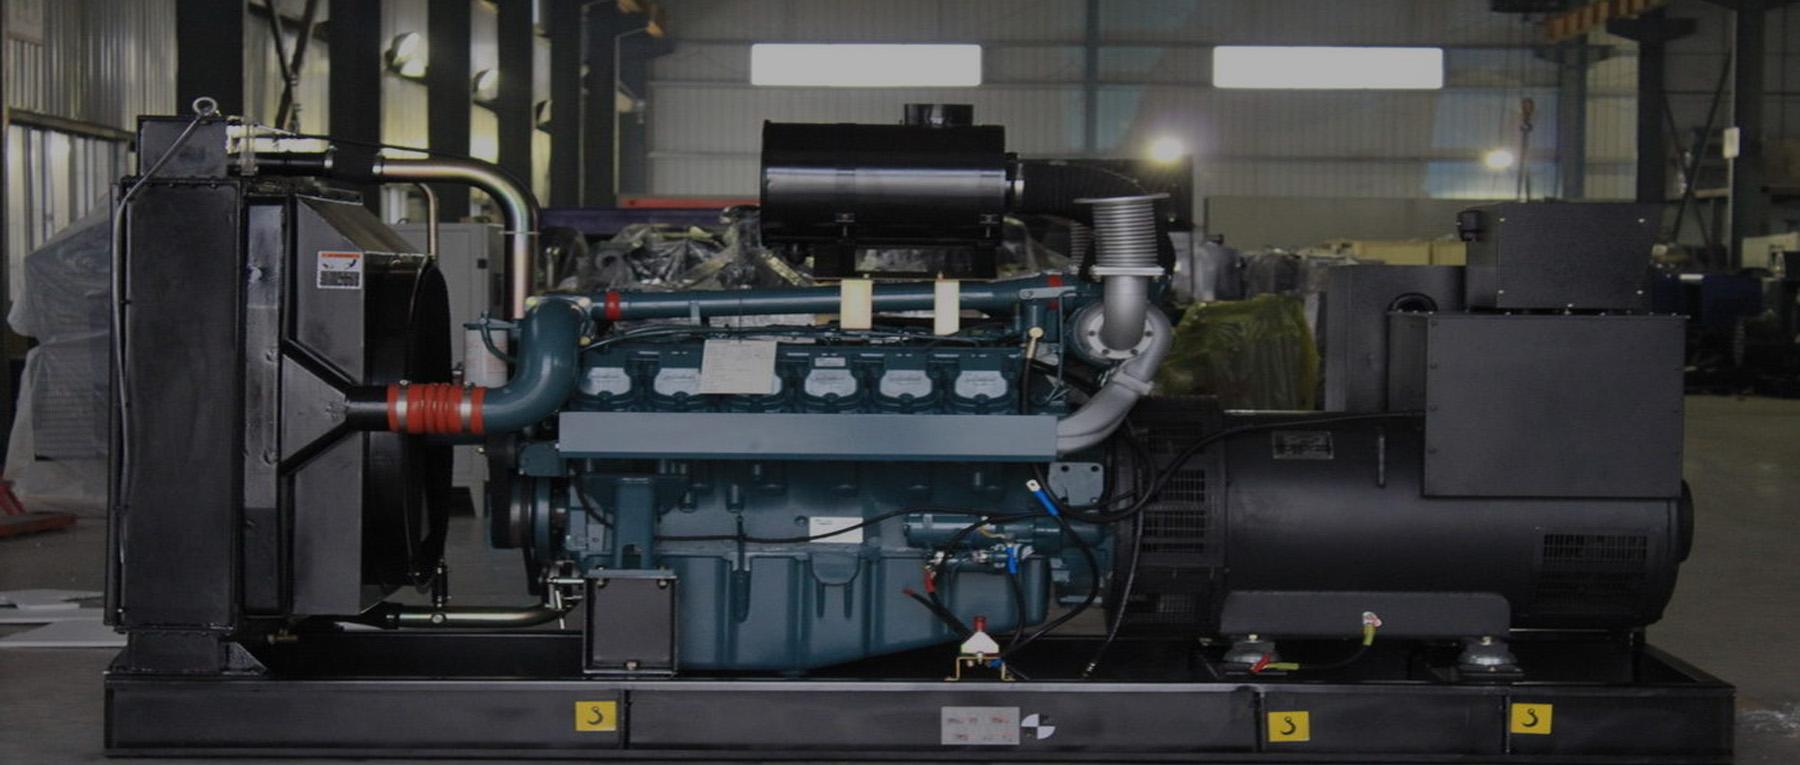 Generator Sales & Services